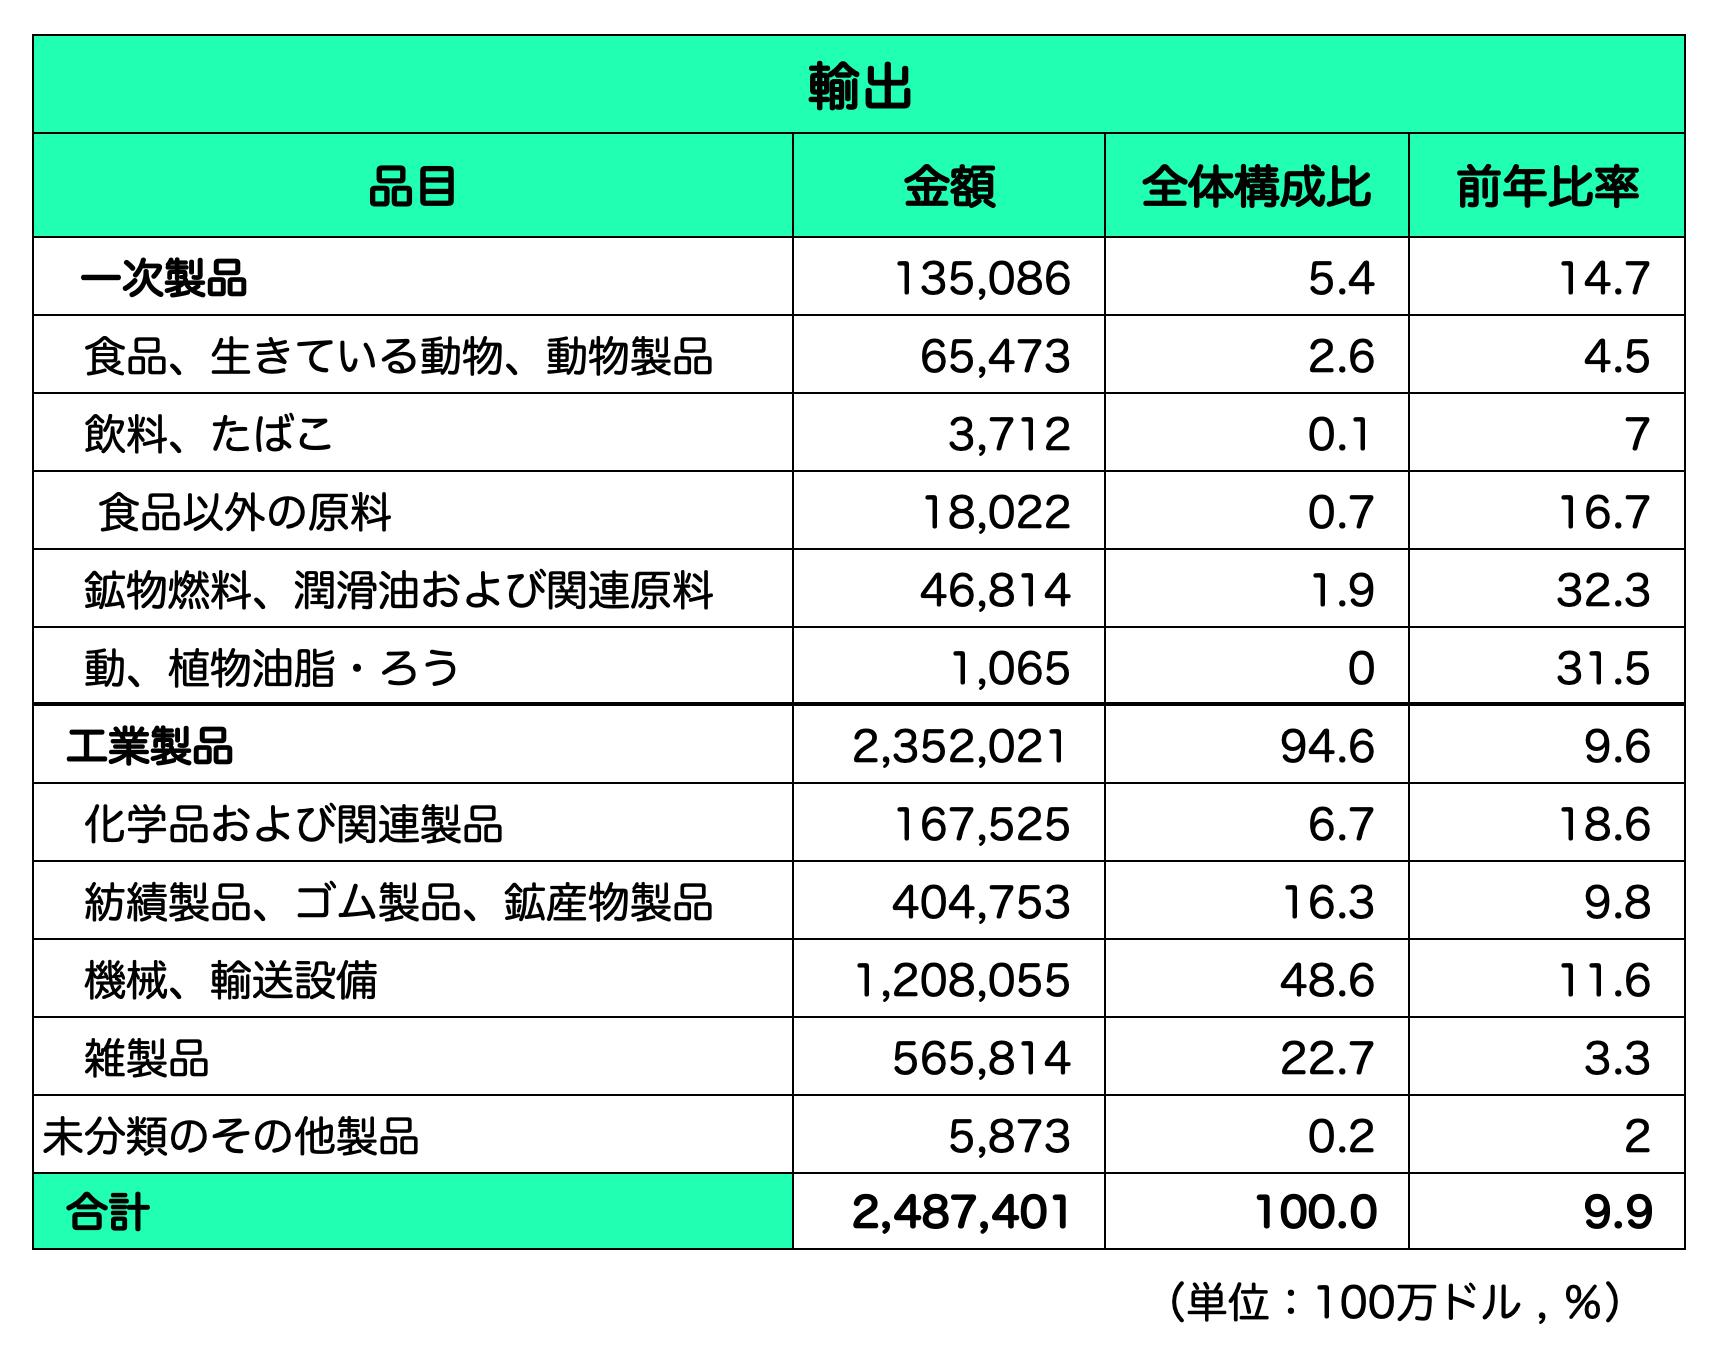 中国_輸出品目